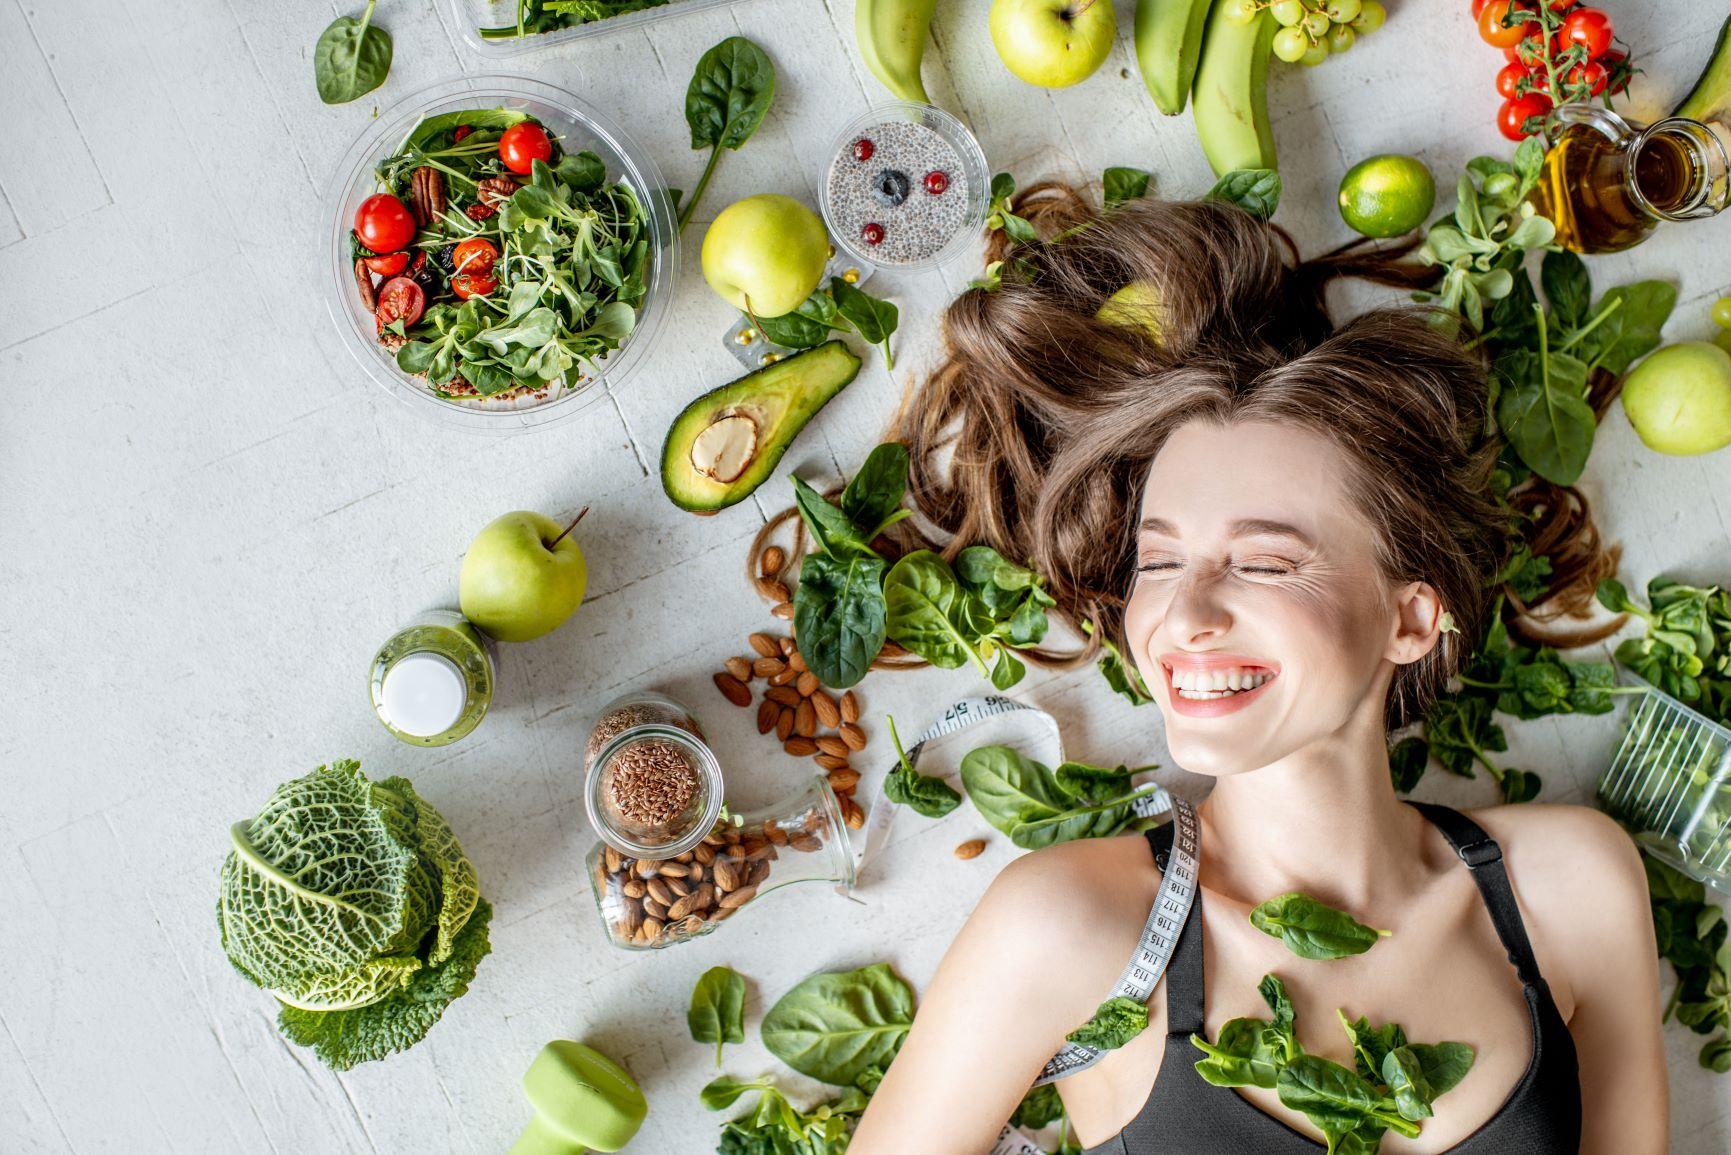 Femme entouré de nourriture saine